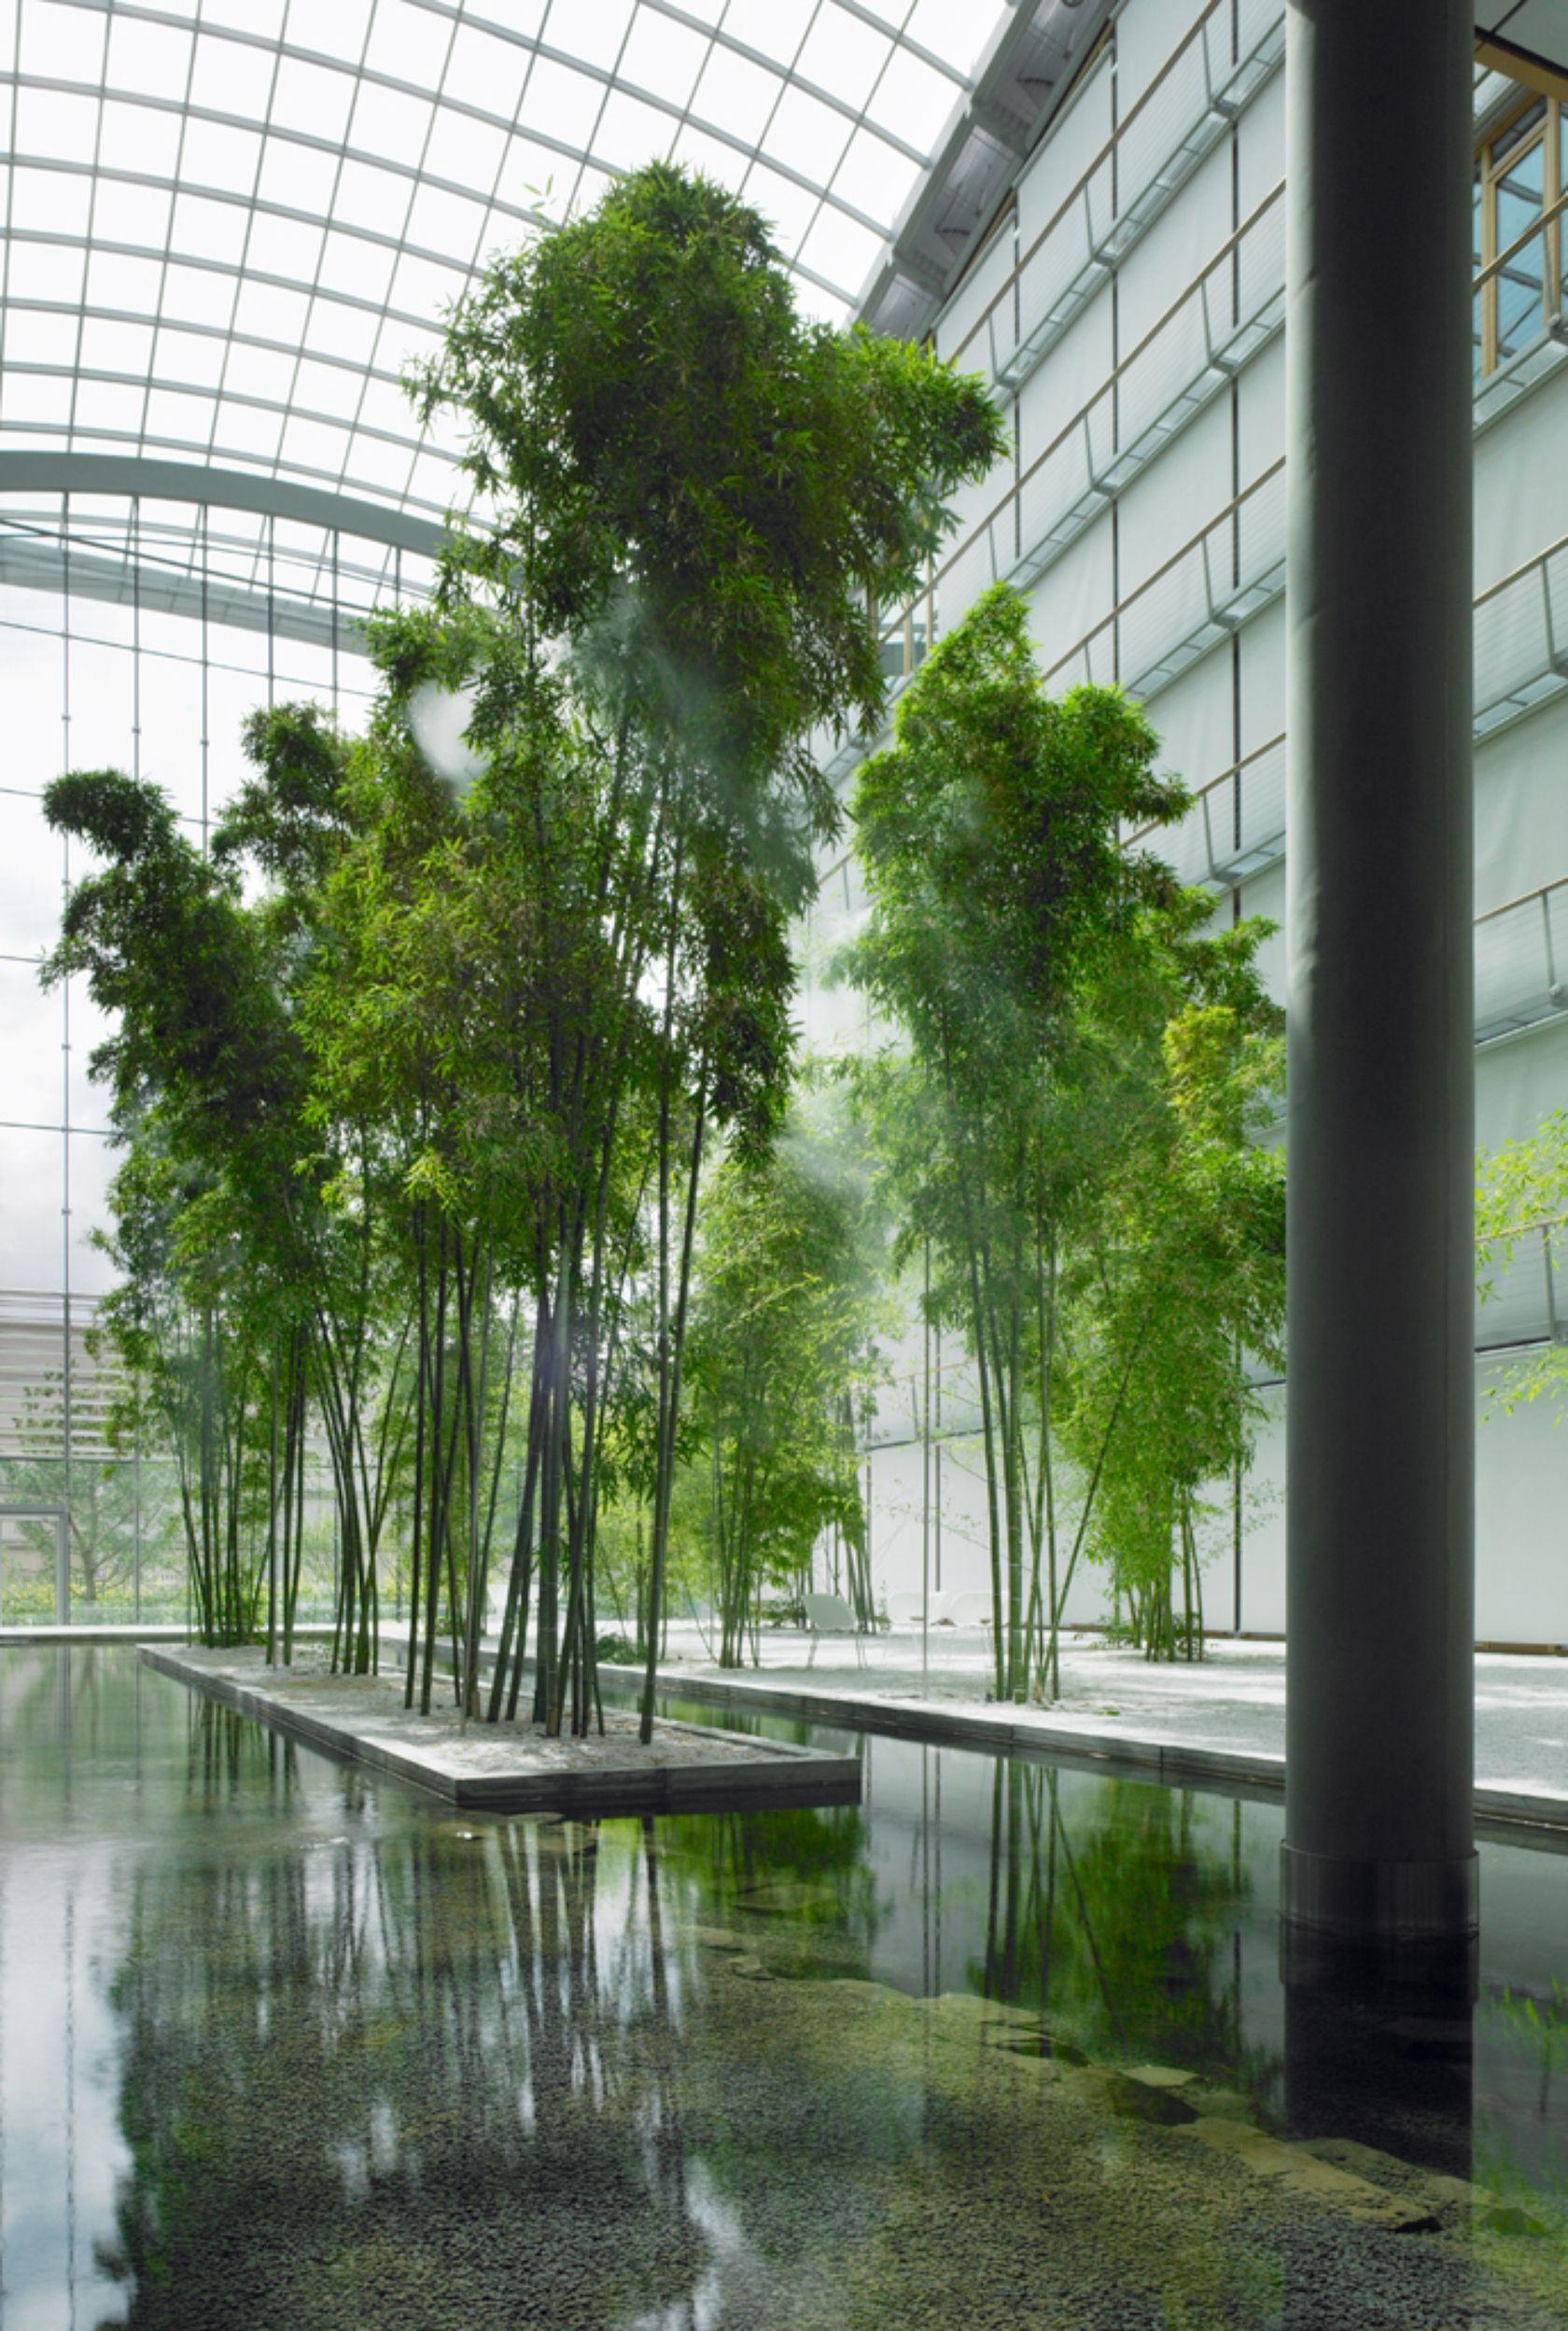 Lufthansa aviation center with ingenhoven architects landscape architektur - Grune architektur ...